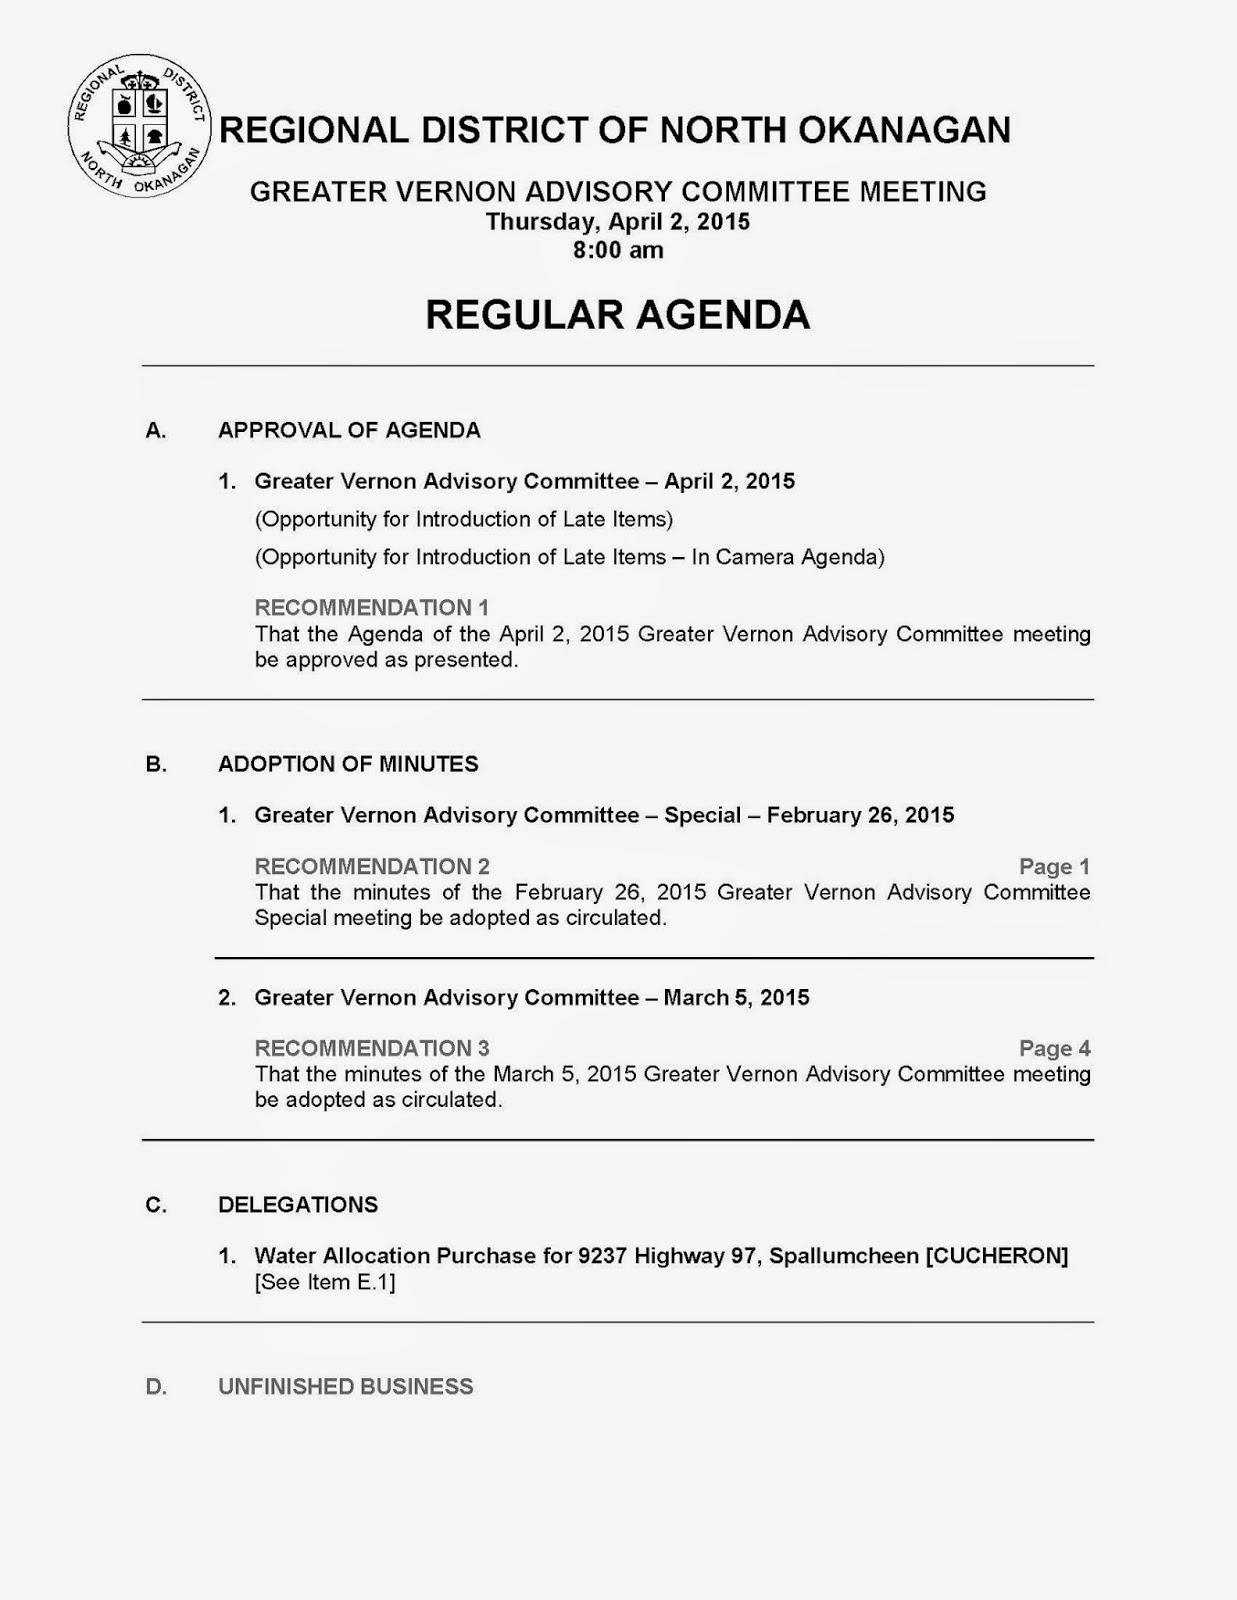 http://www.rdno.ca/index.php/meetings/committee-meetings